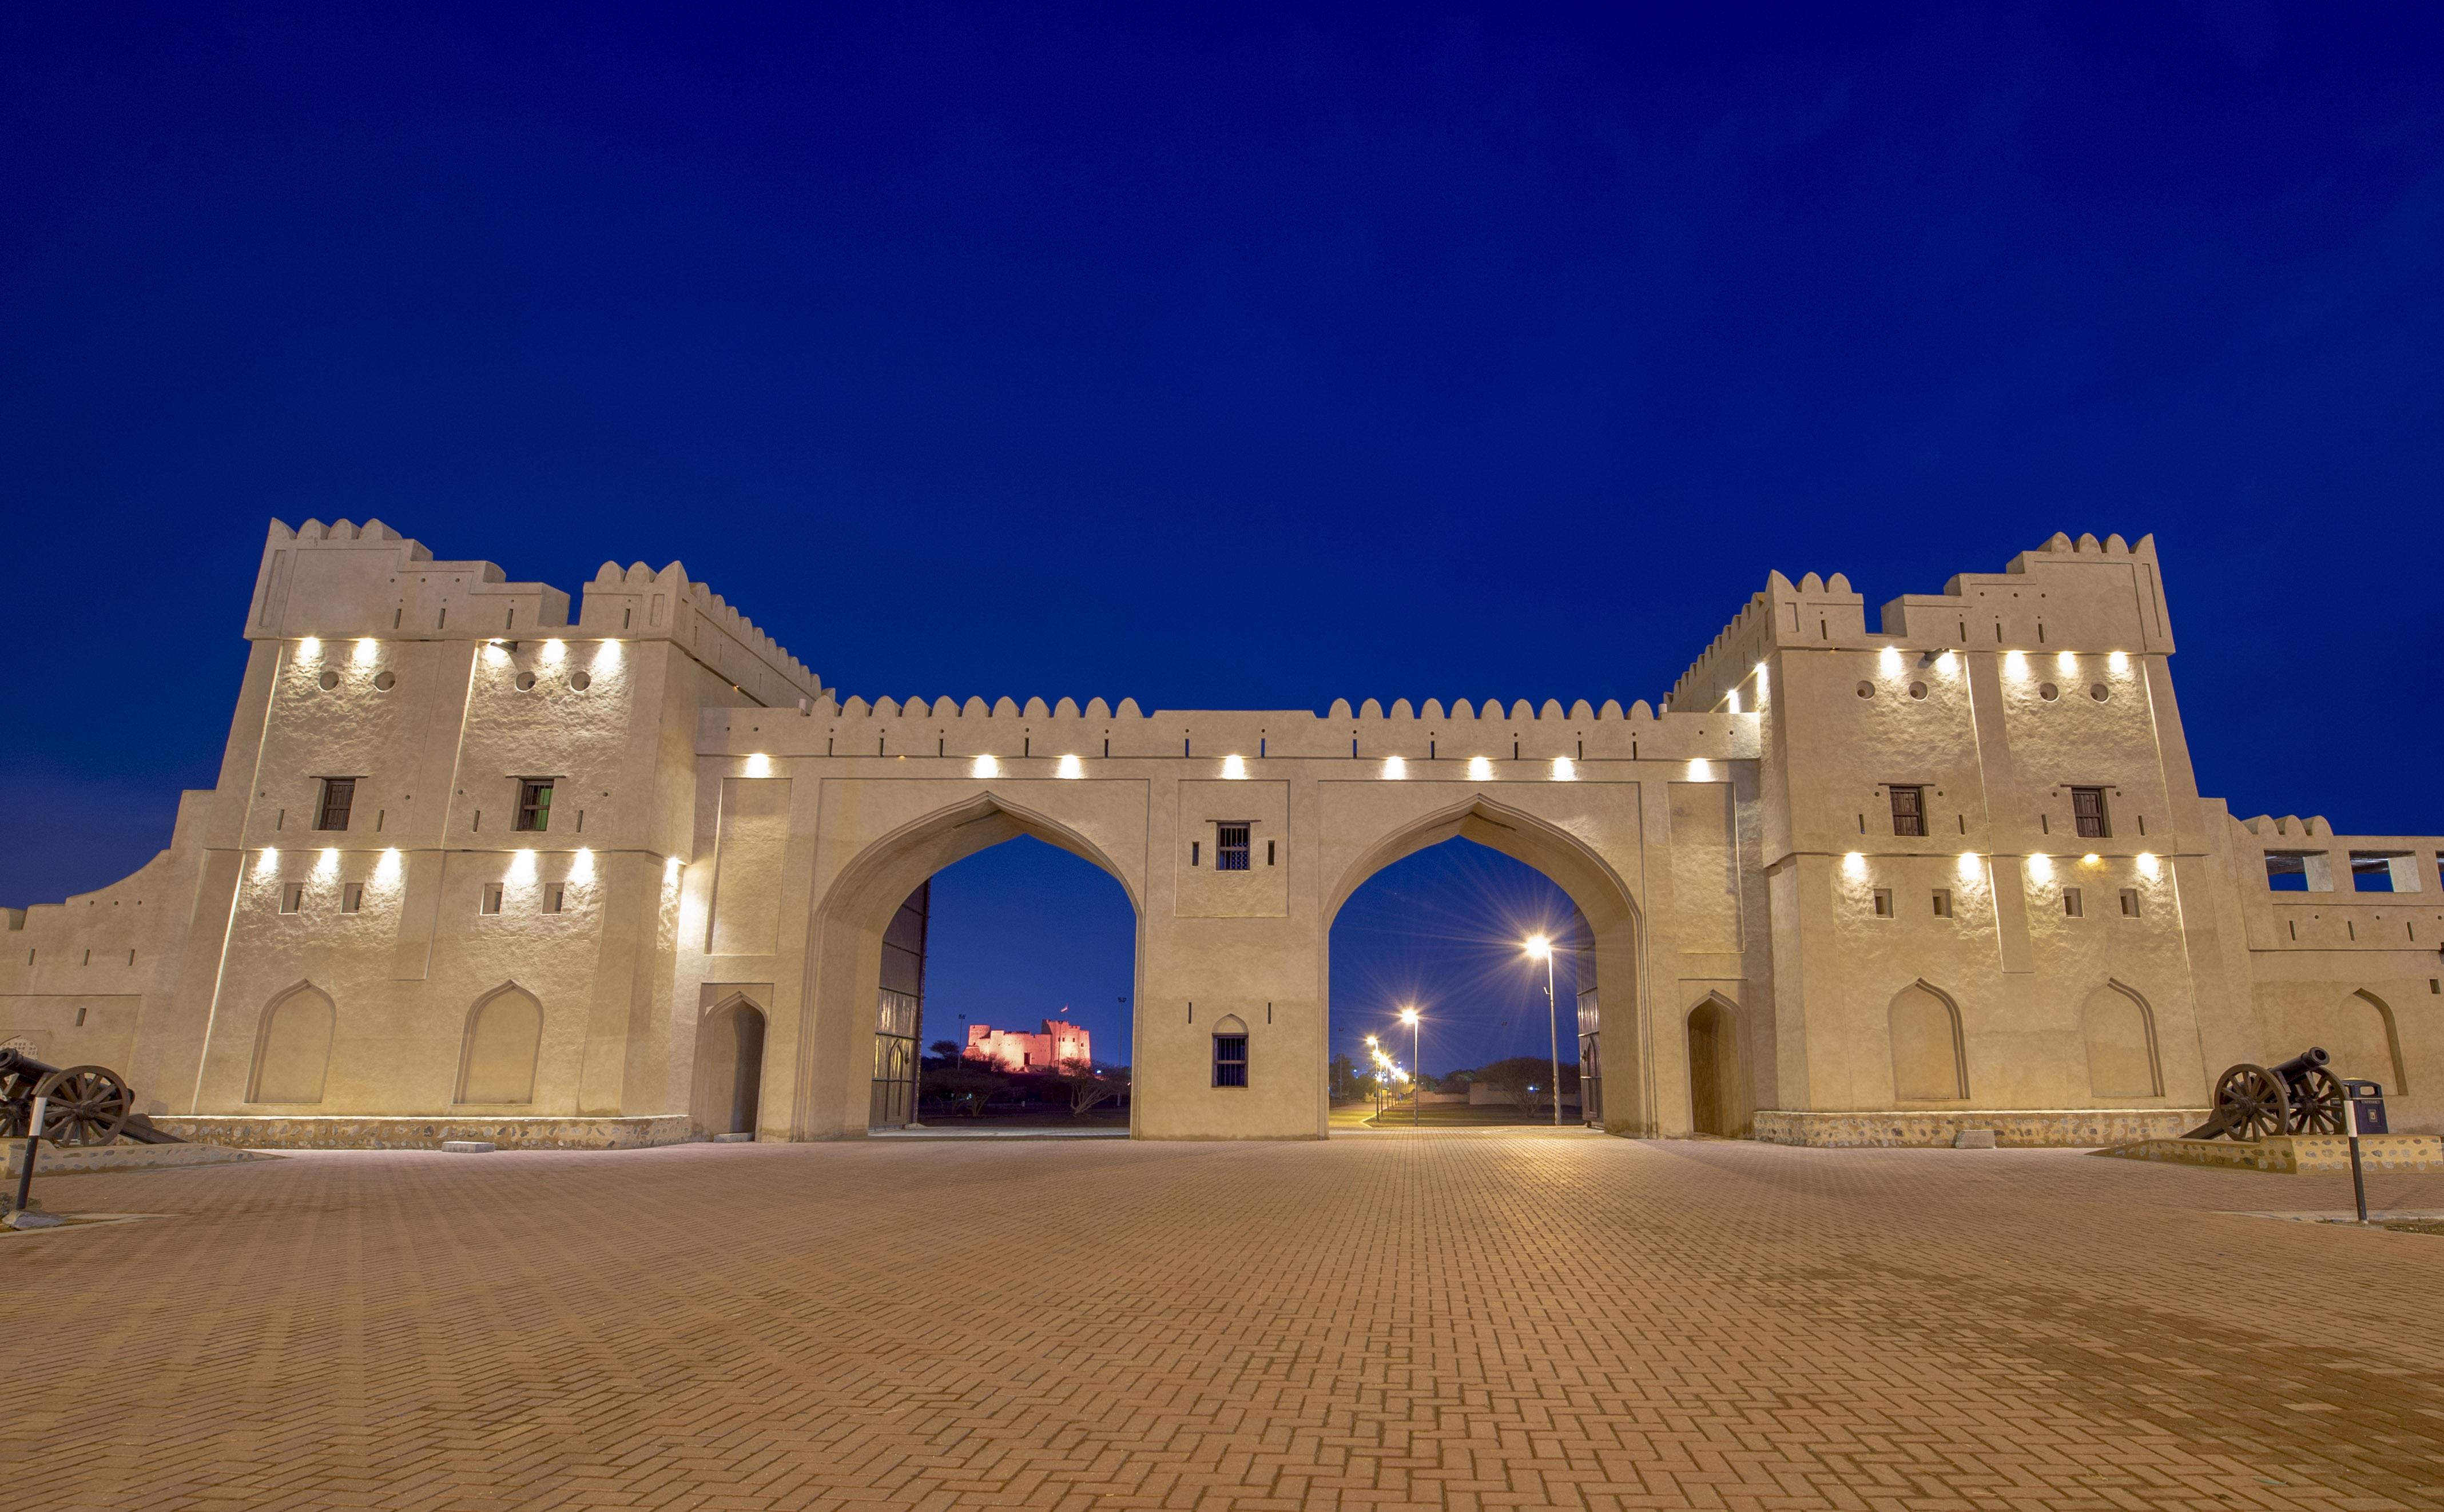 صورة اليوم | بوابة قلعة الفجيرة .. واحدة من أكثر القلاع فرادة من بين القلاع والحصون المشيدة في الإمارات